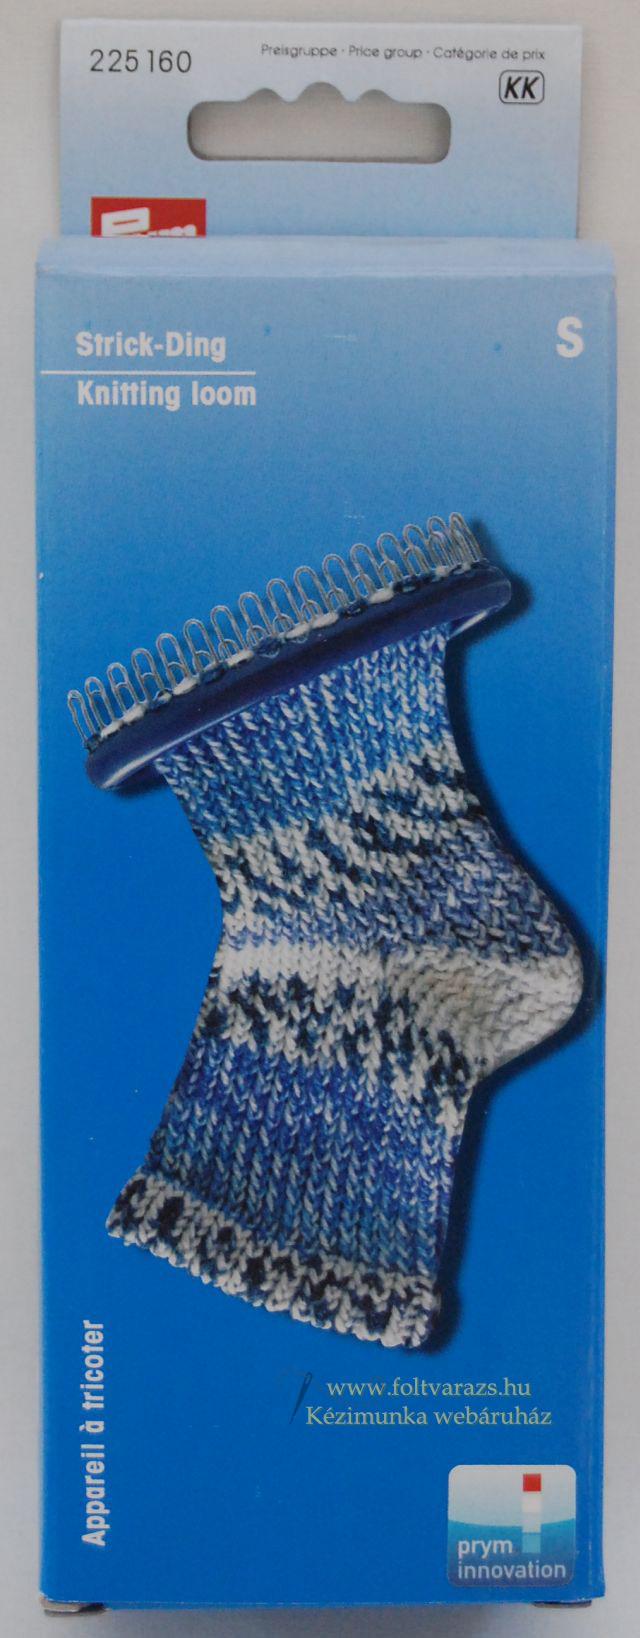 225160 Prym Приспособление для вязания носков SПрочие<br>225160 Prym Приспособление для вязания носков S<br>